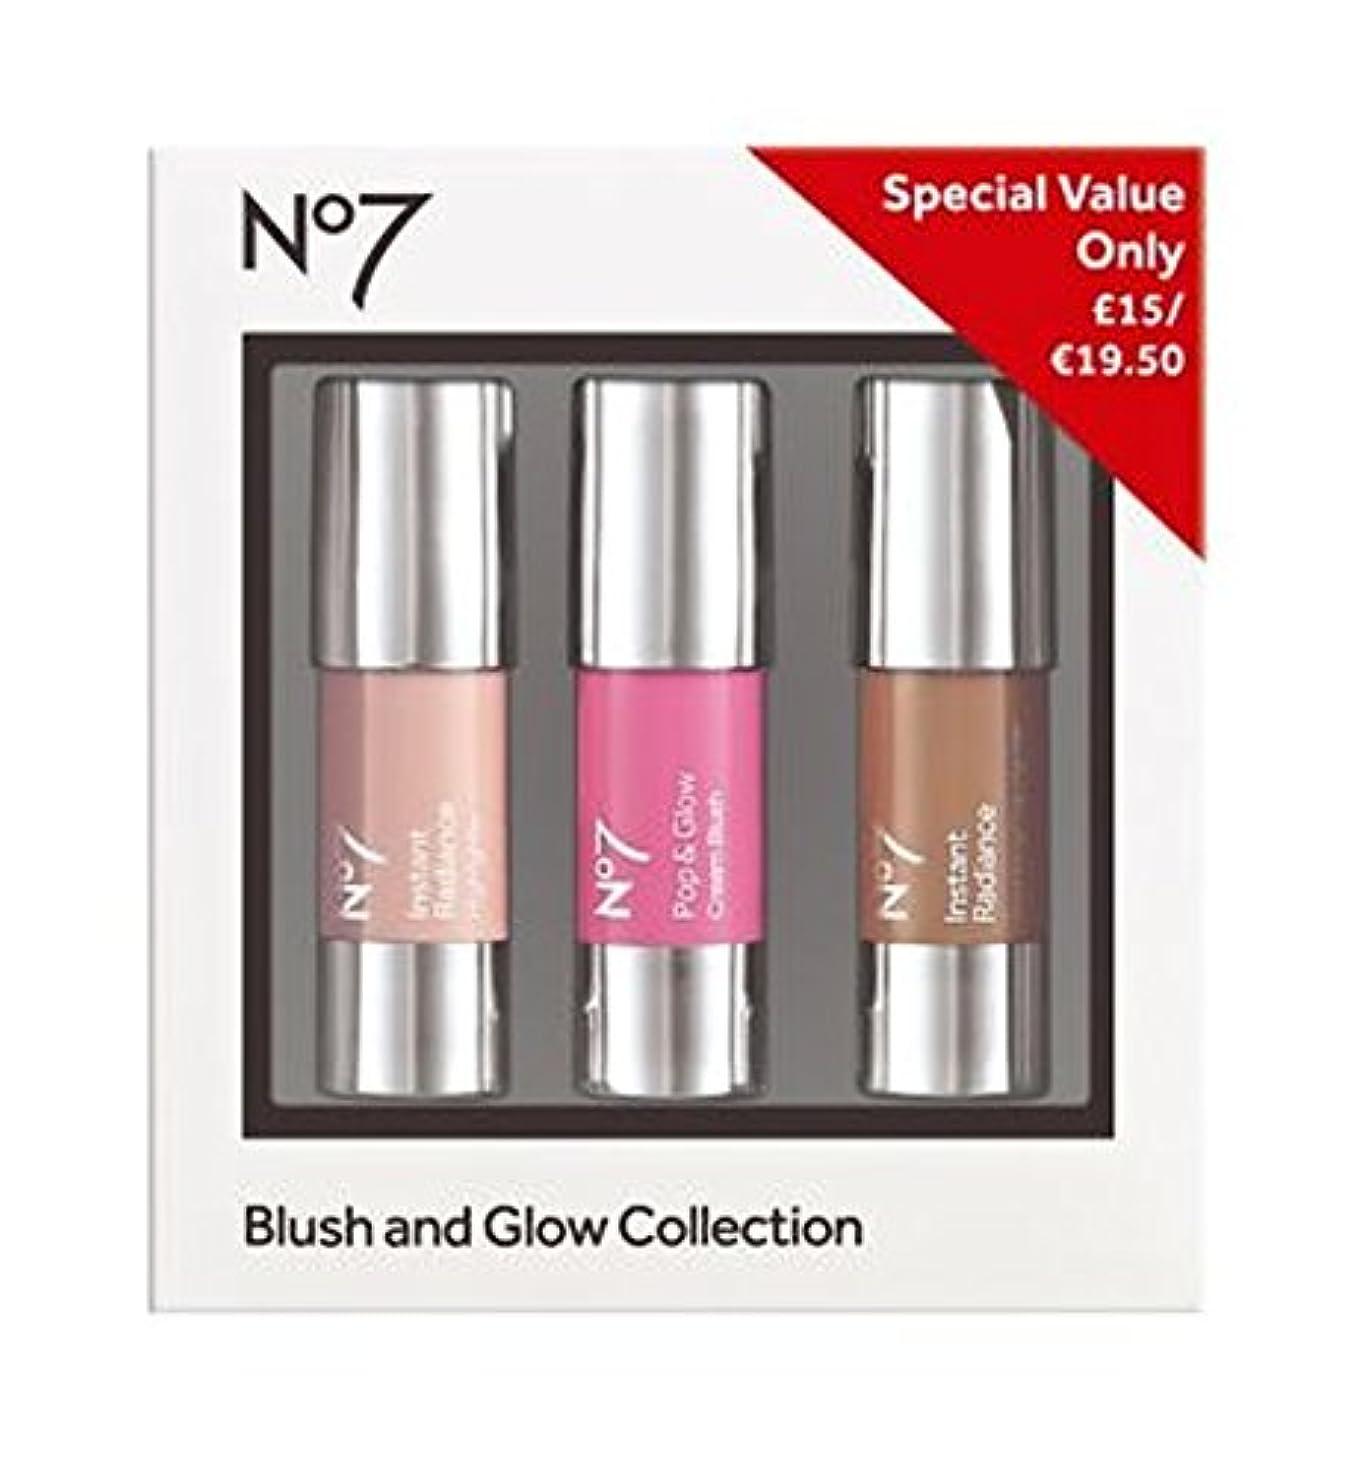 褒賞達成メロドラマNo7 Blush and Glow Collection - No7の赤面とグローコレクション (No7) [並行輸入品]